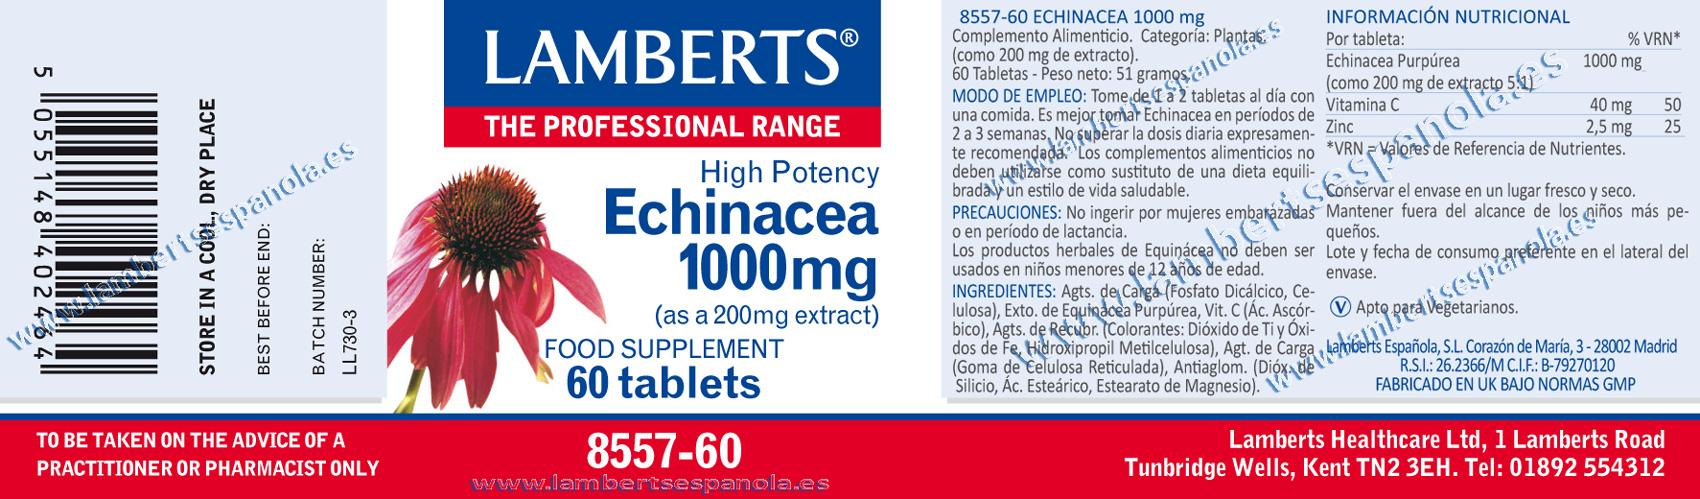 Ehinácea 1000 mg